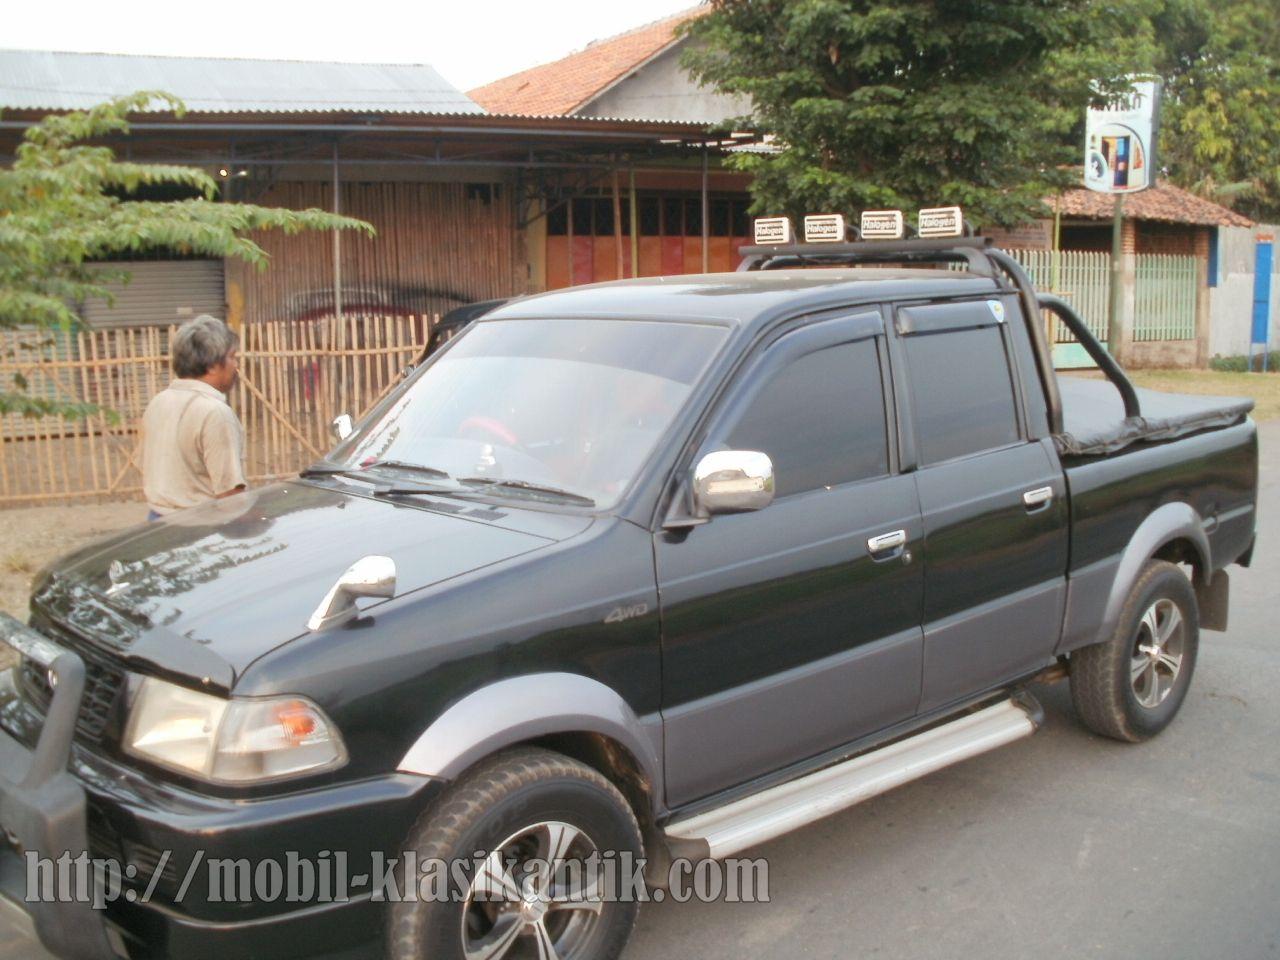 Bengkel Modifikasi Mobil Kijang